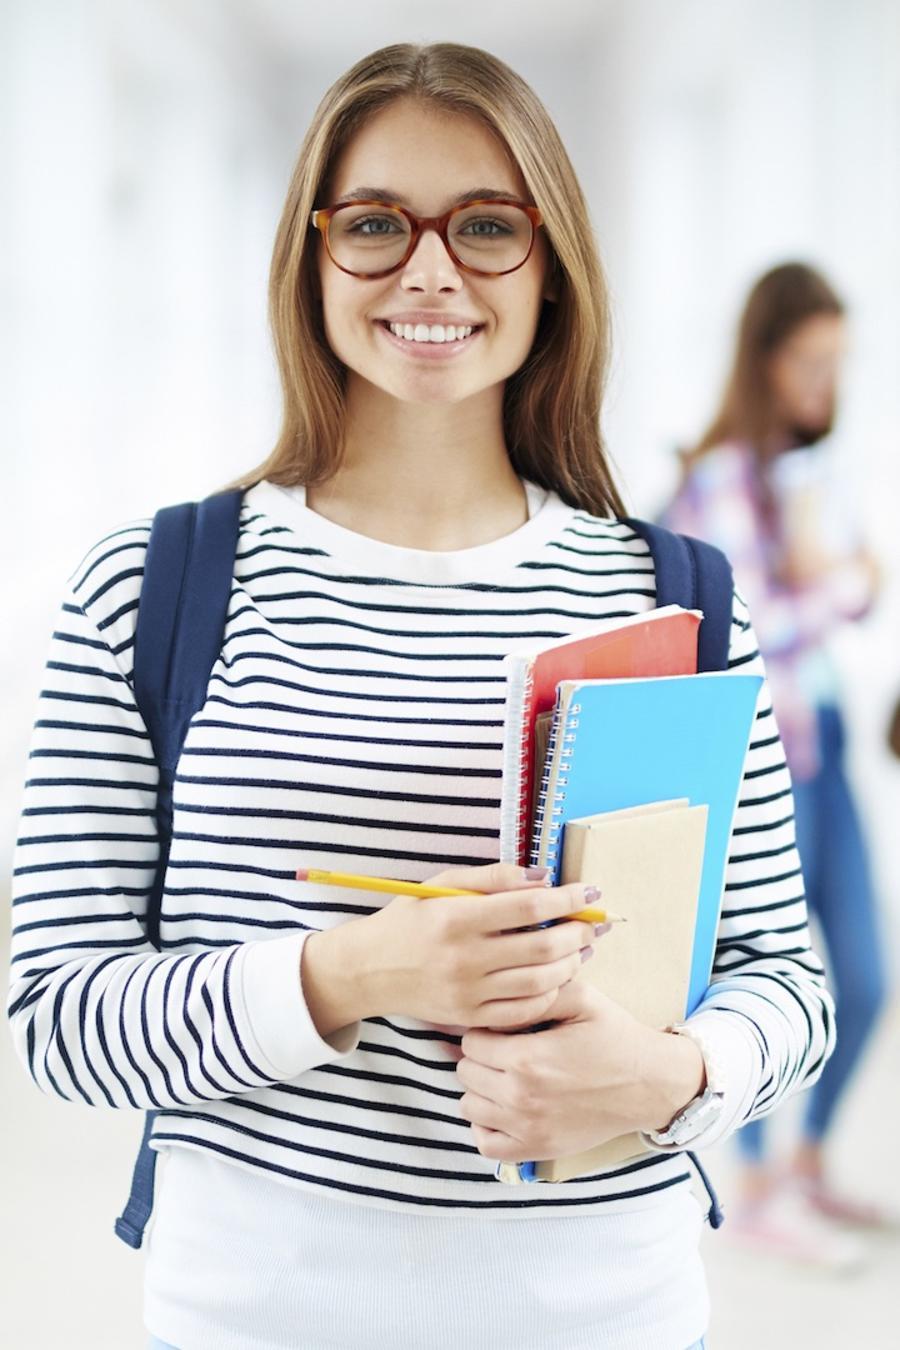 Chica con anteojos cargando libros